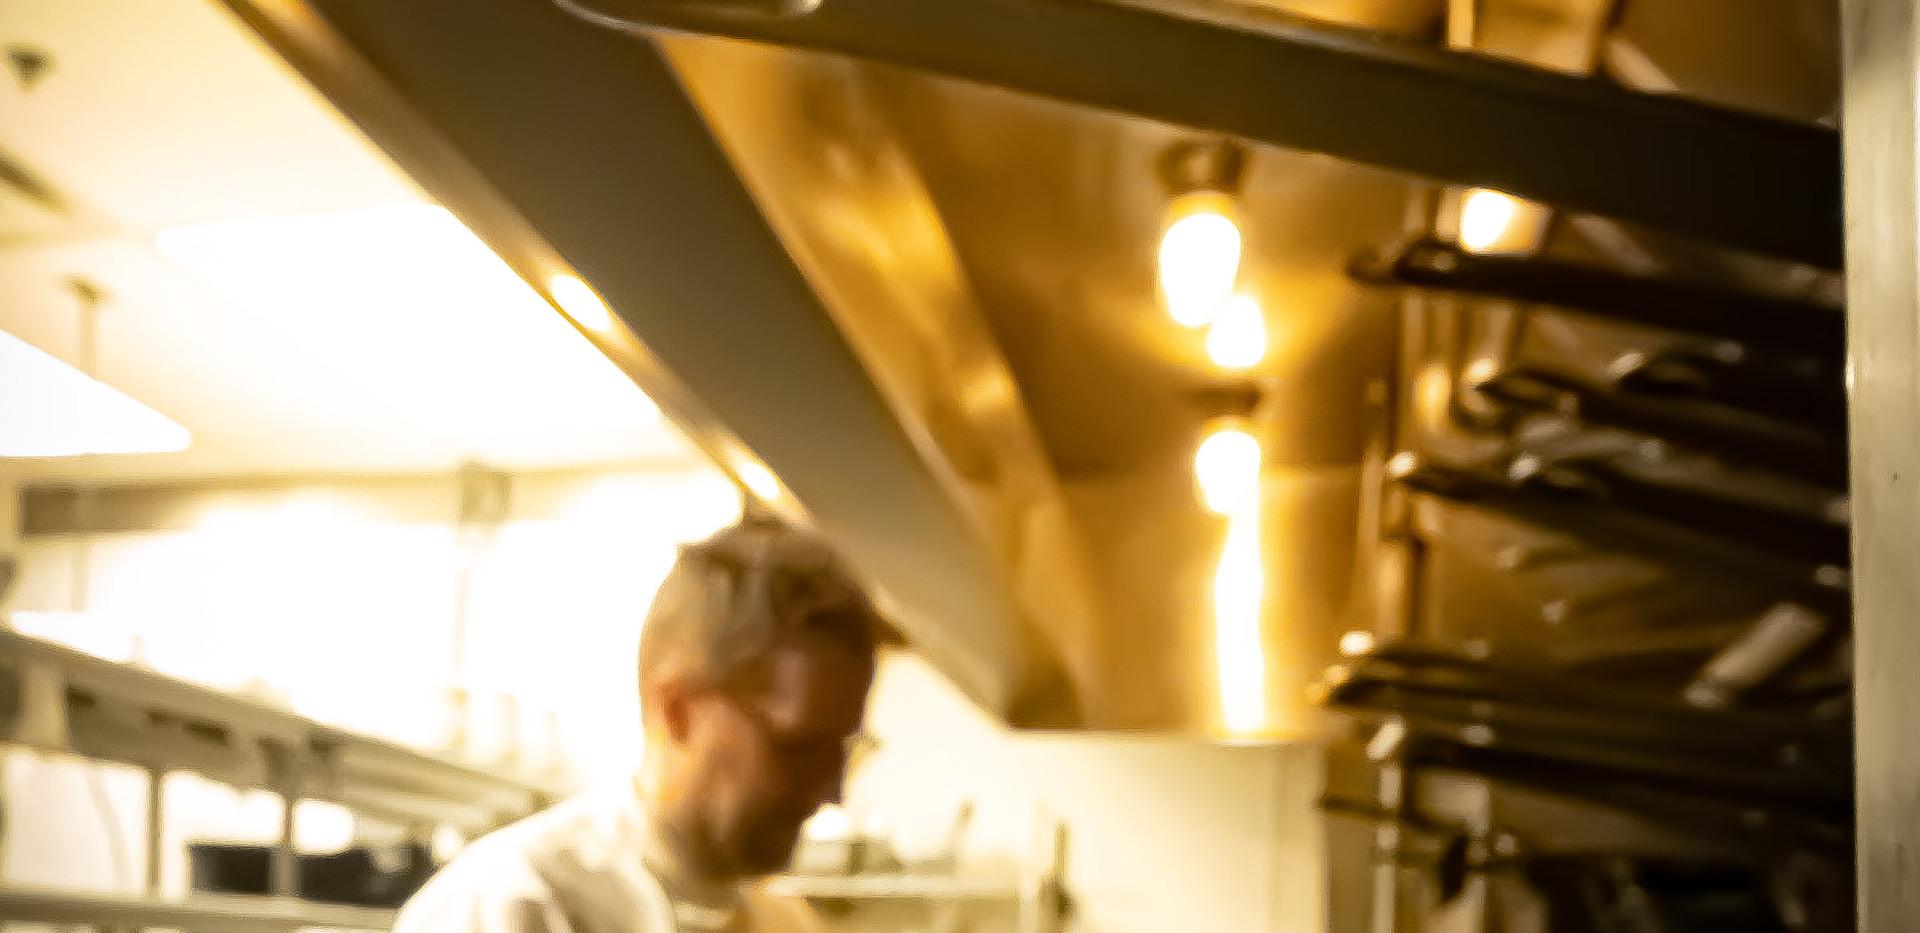 Mr. Berglund in the Mertens Kitchen